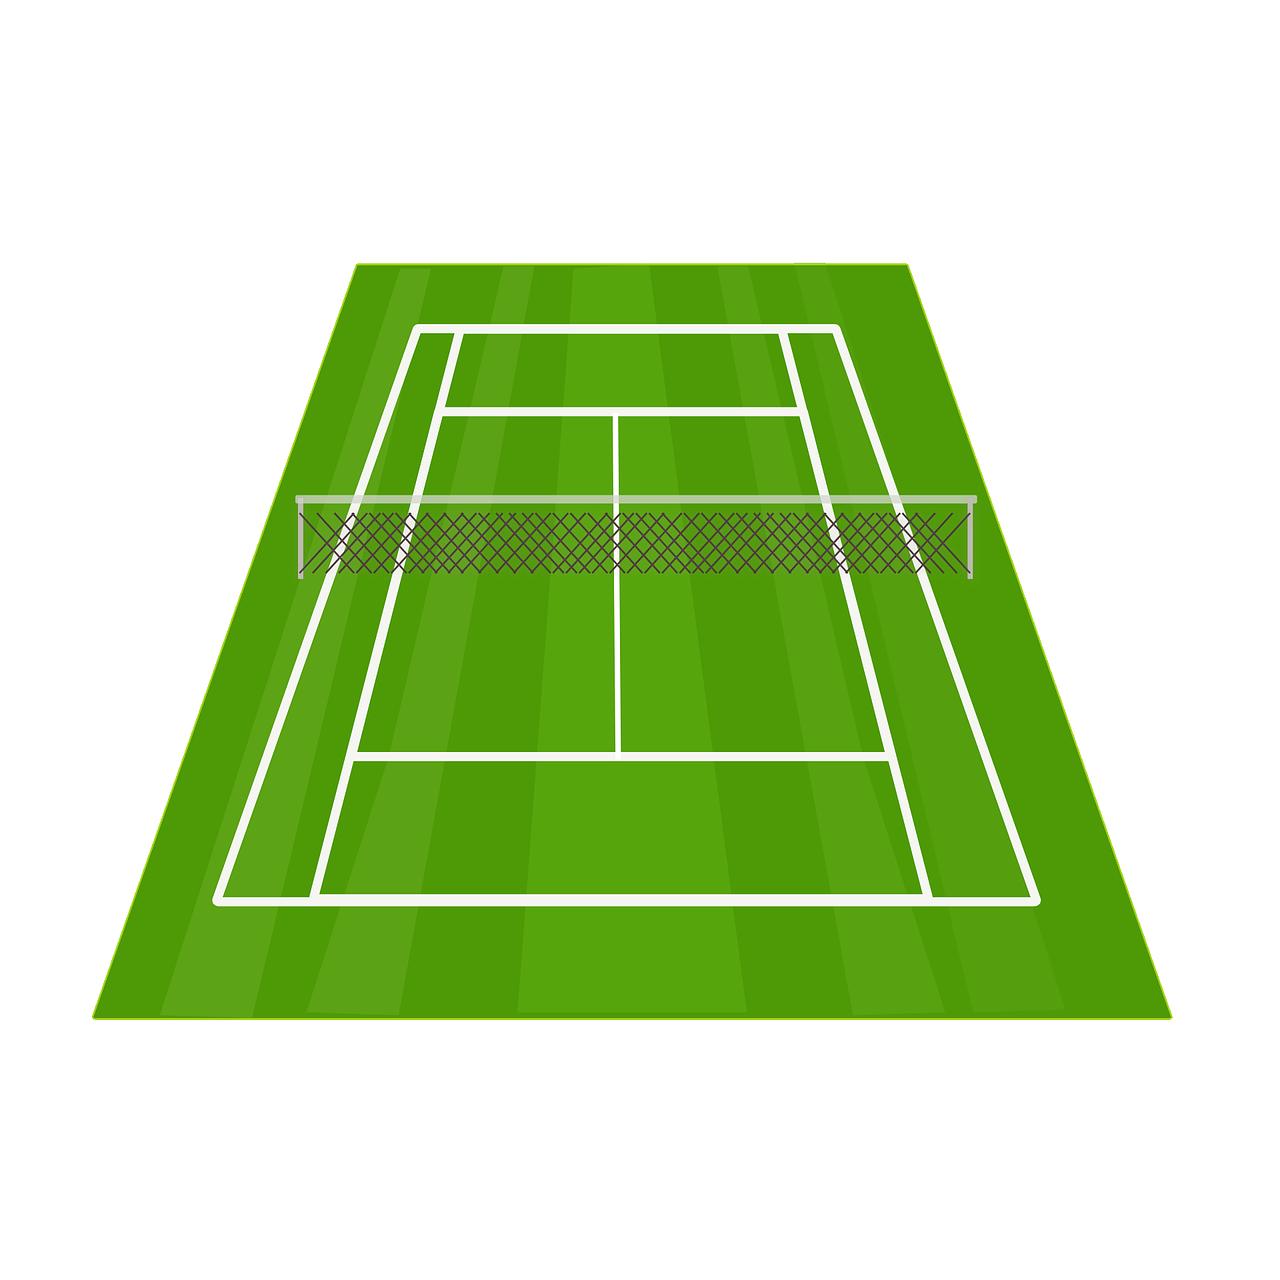 CenterCourtde  Tennis Shop  Tennisversand